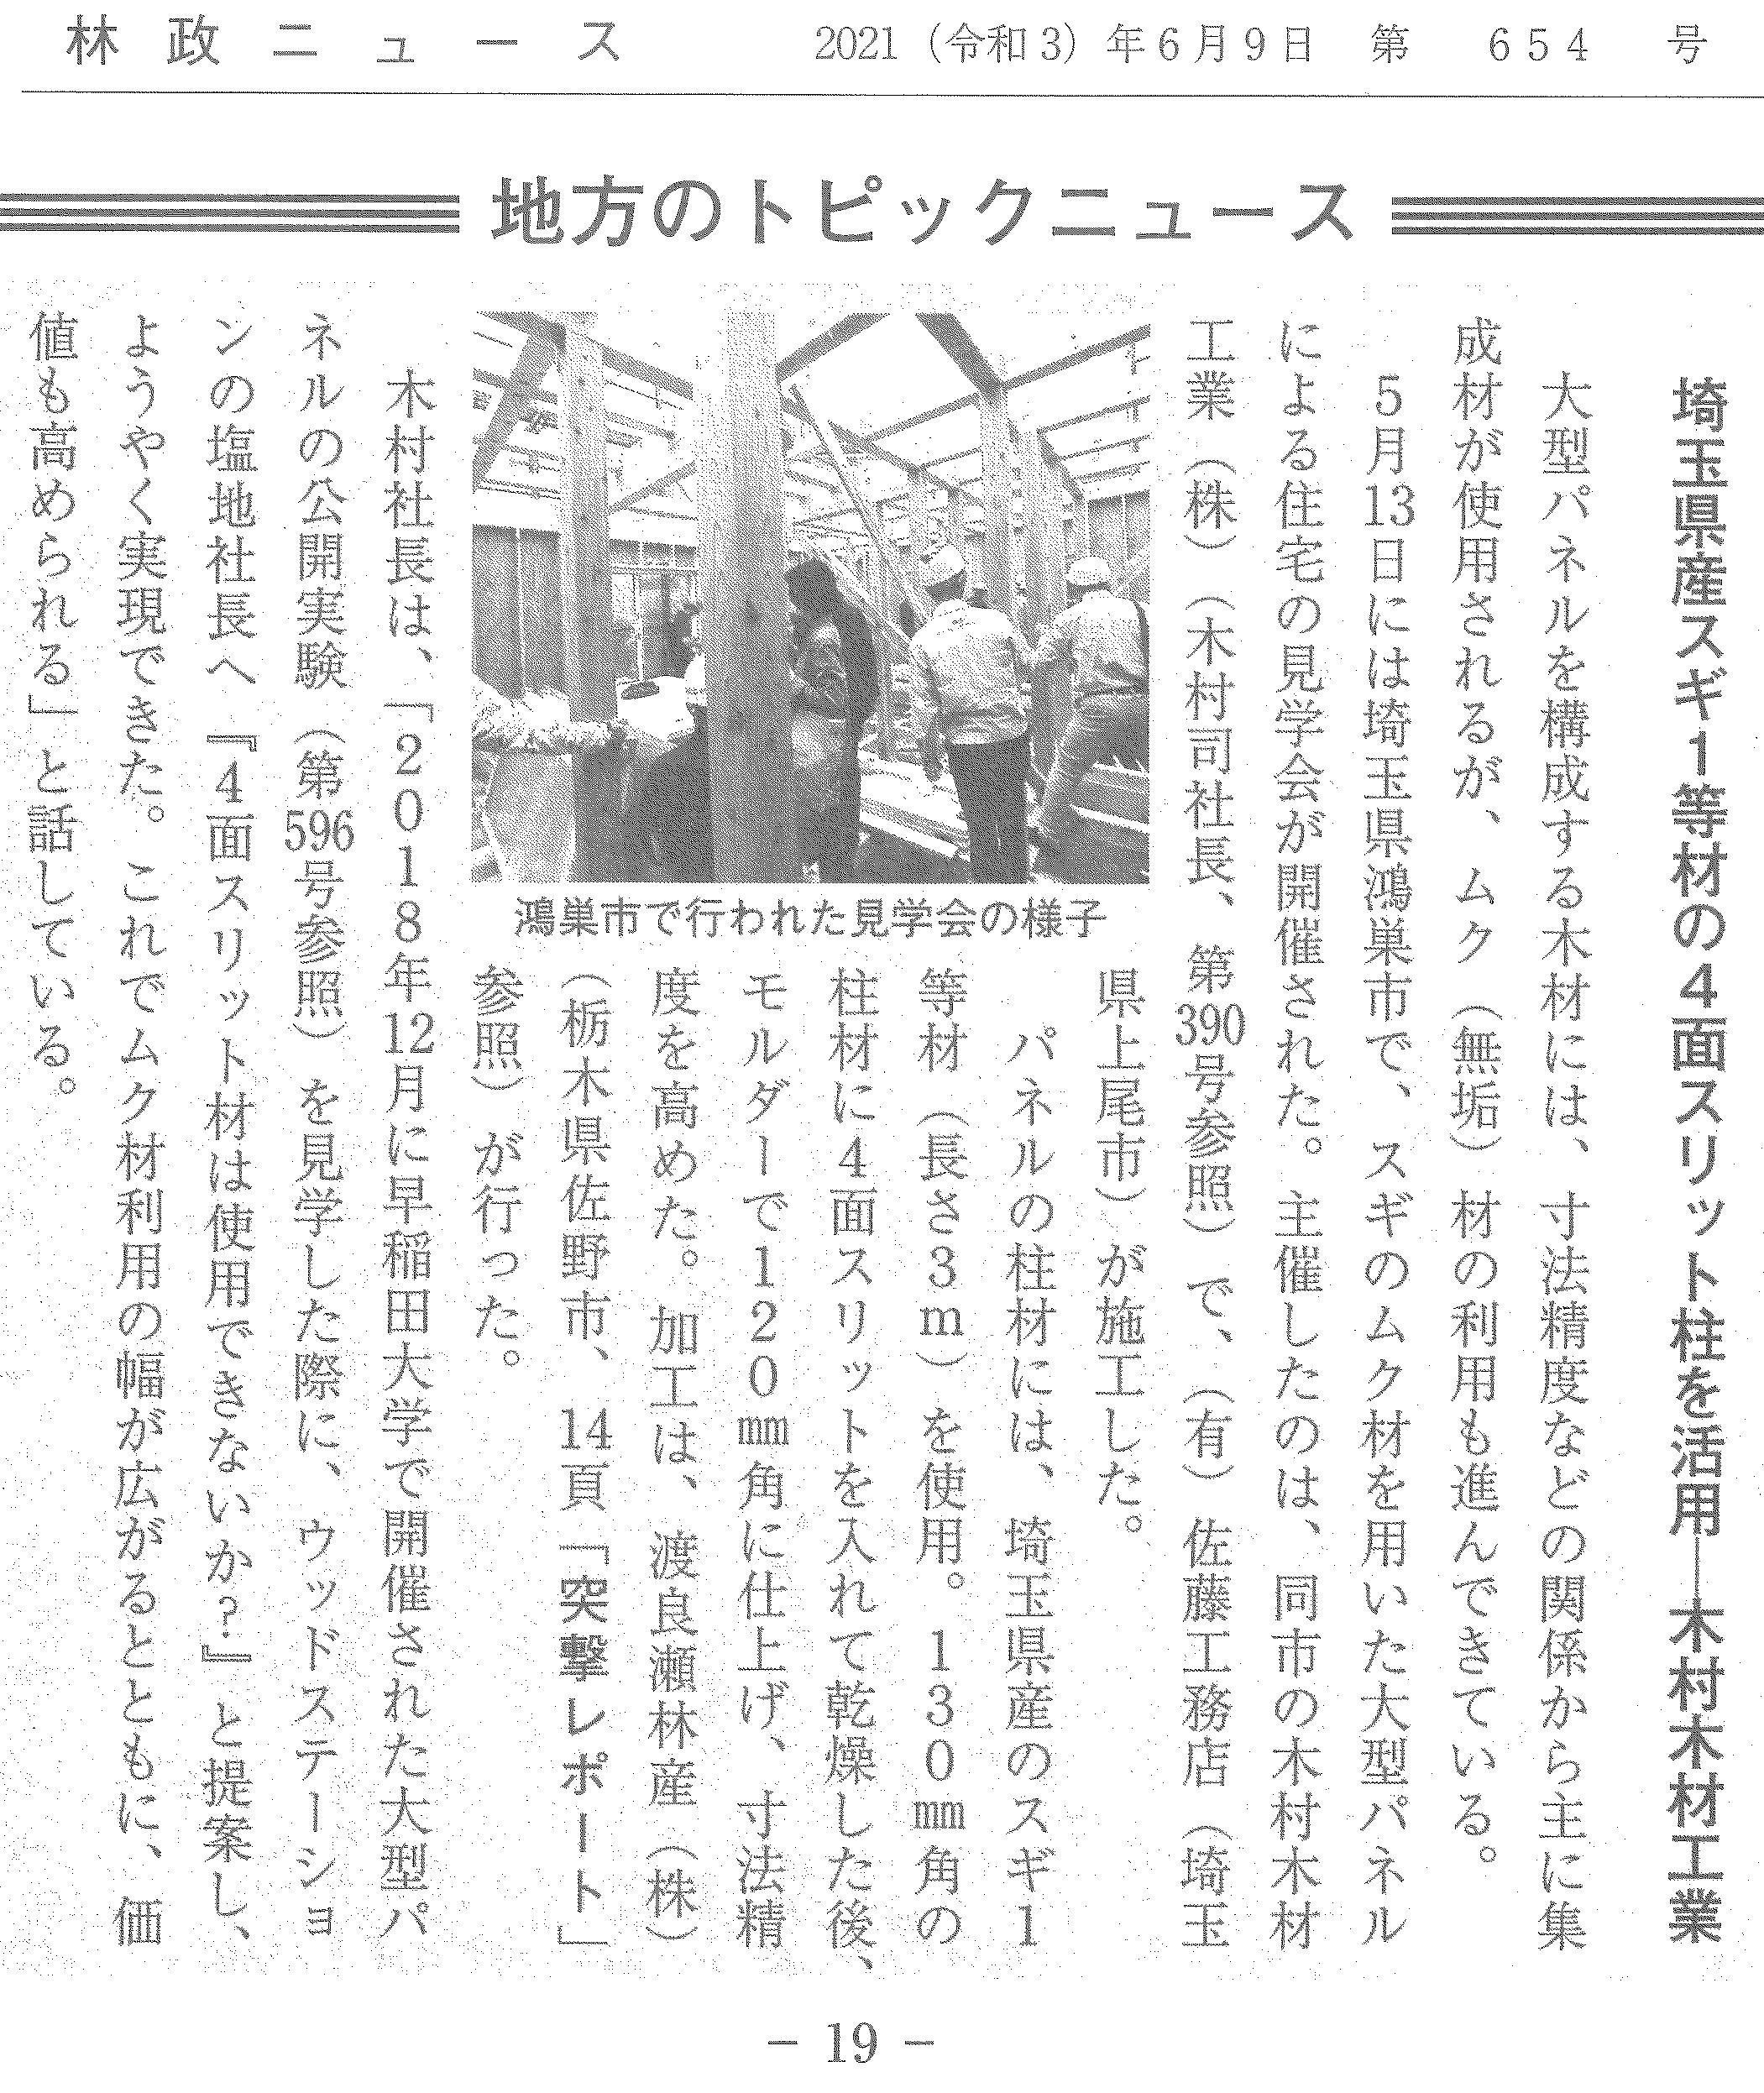 林政ニュース2021年6月9日号 埼玉県産スギ1等材の4面スリット柱を活用 木村木材工業